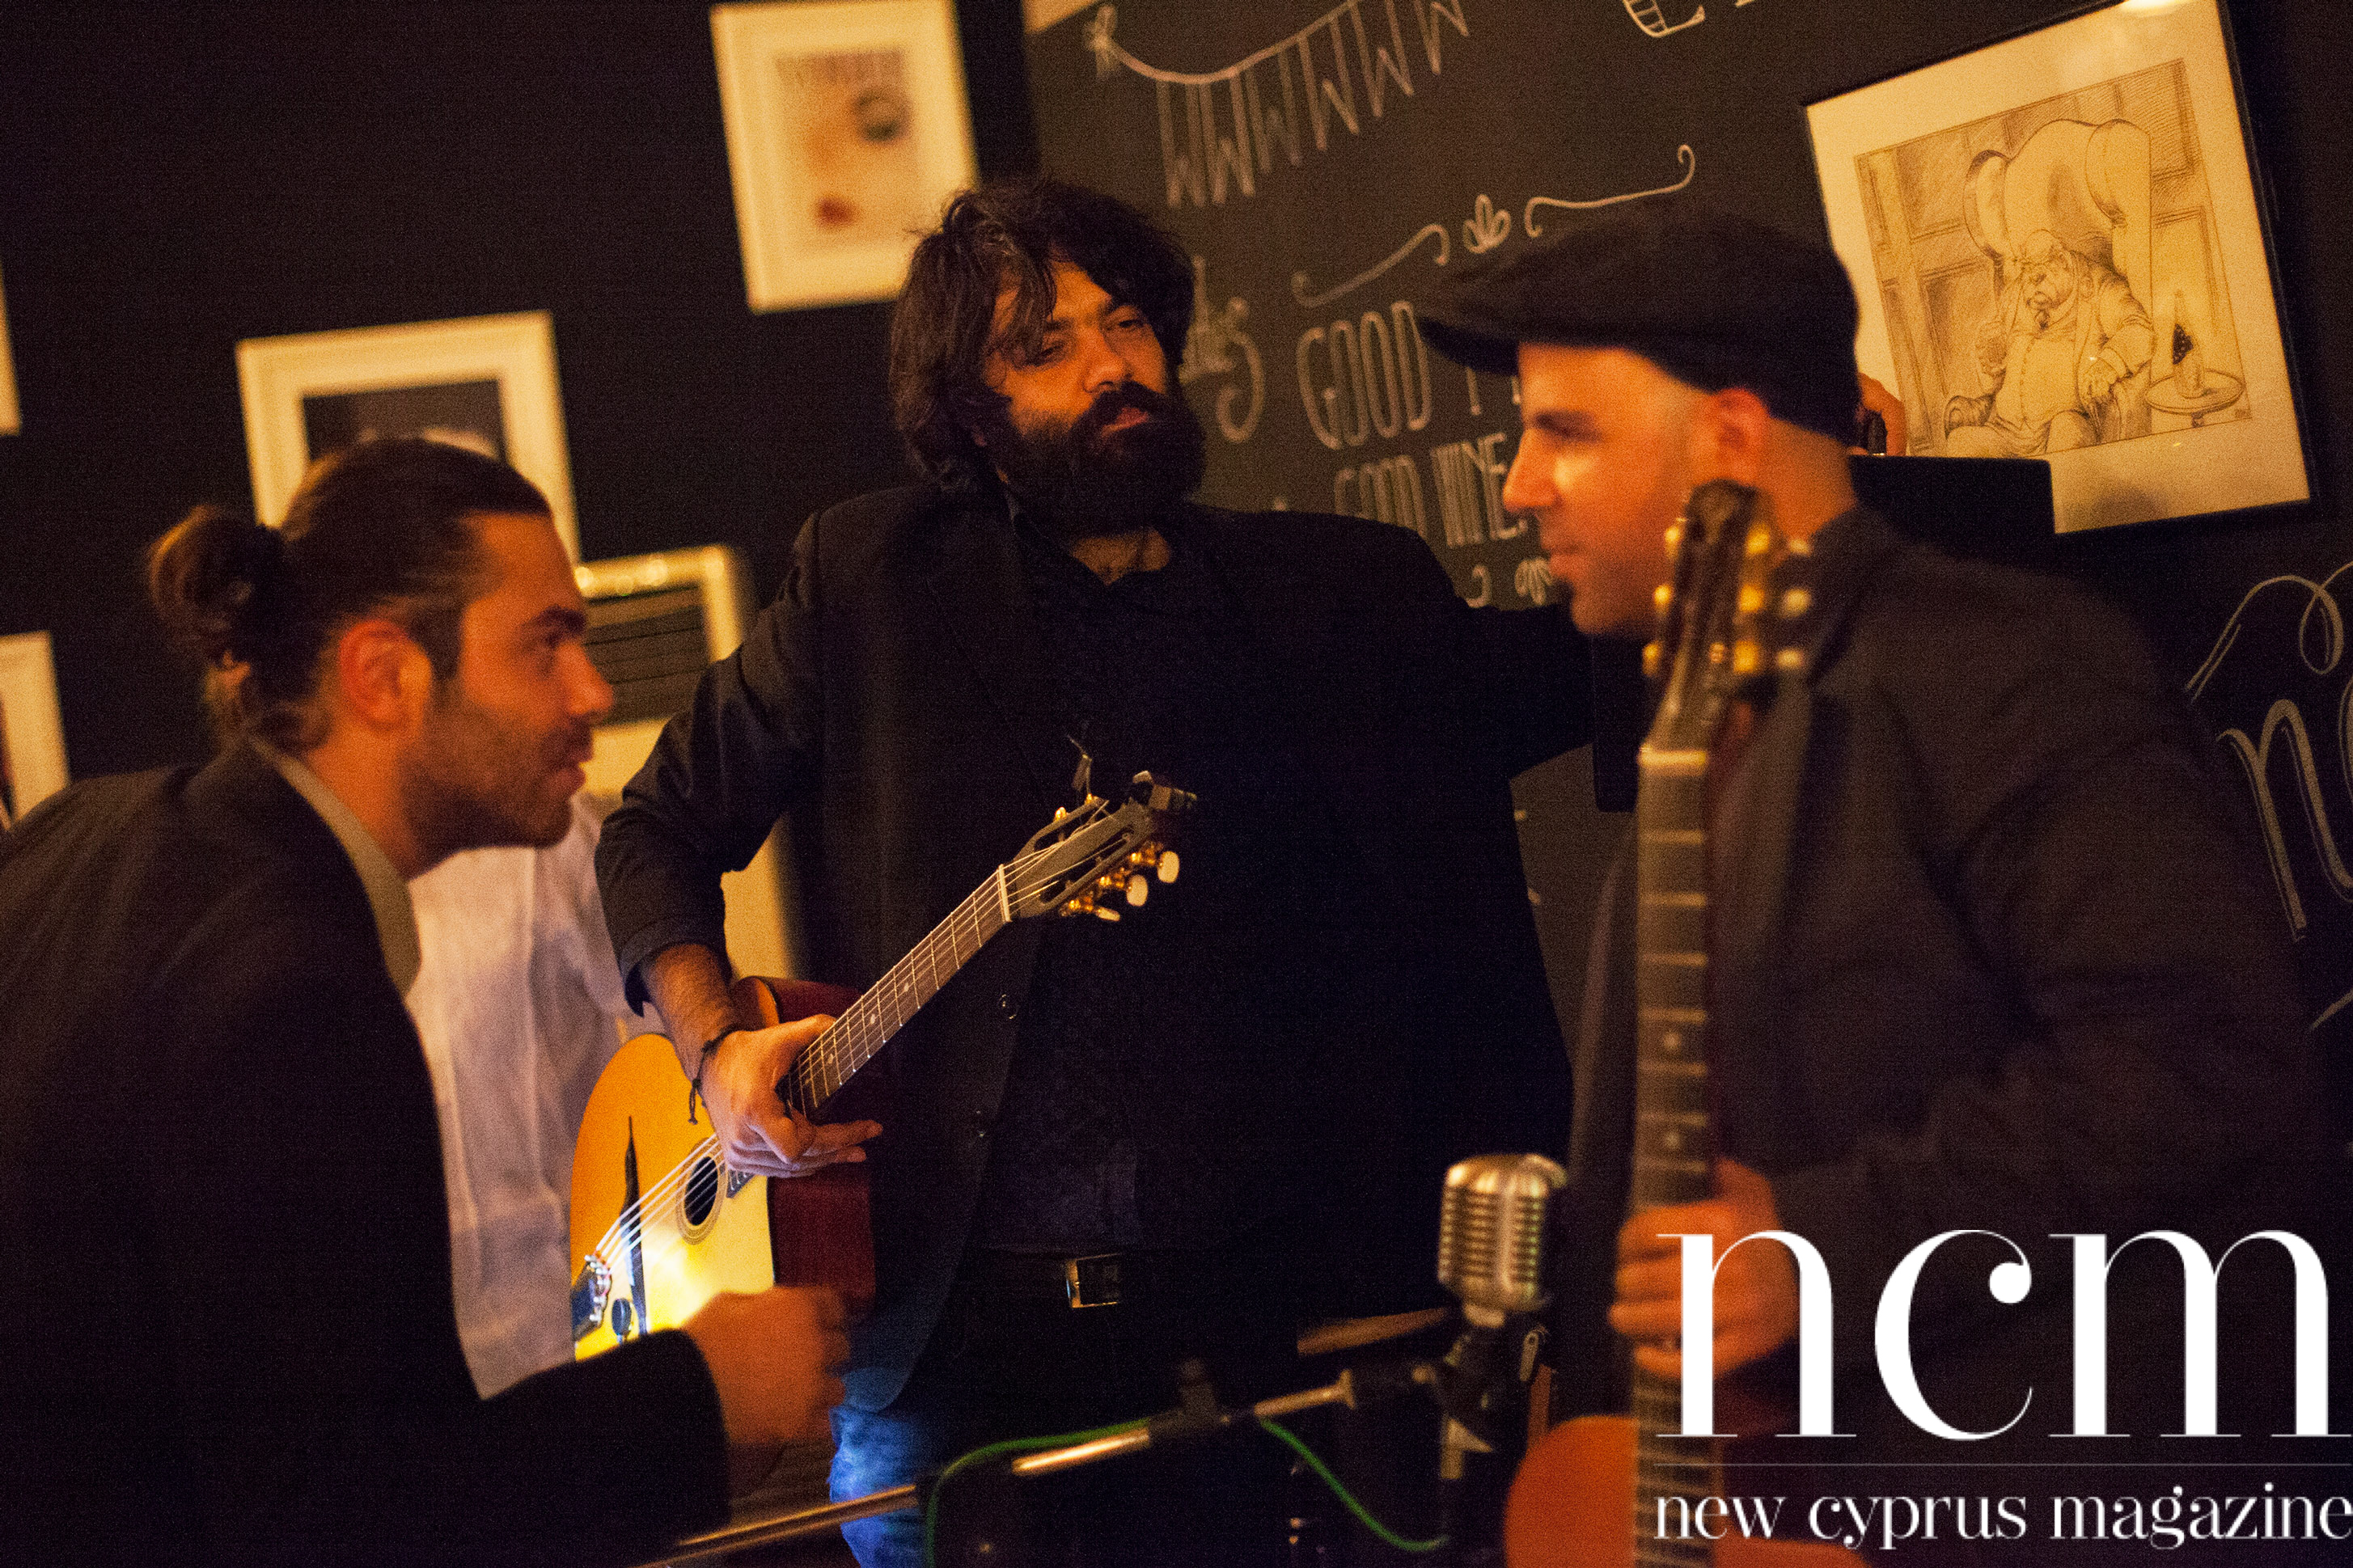 Jazz tones Blakes Lounge the band